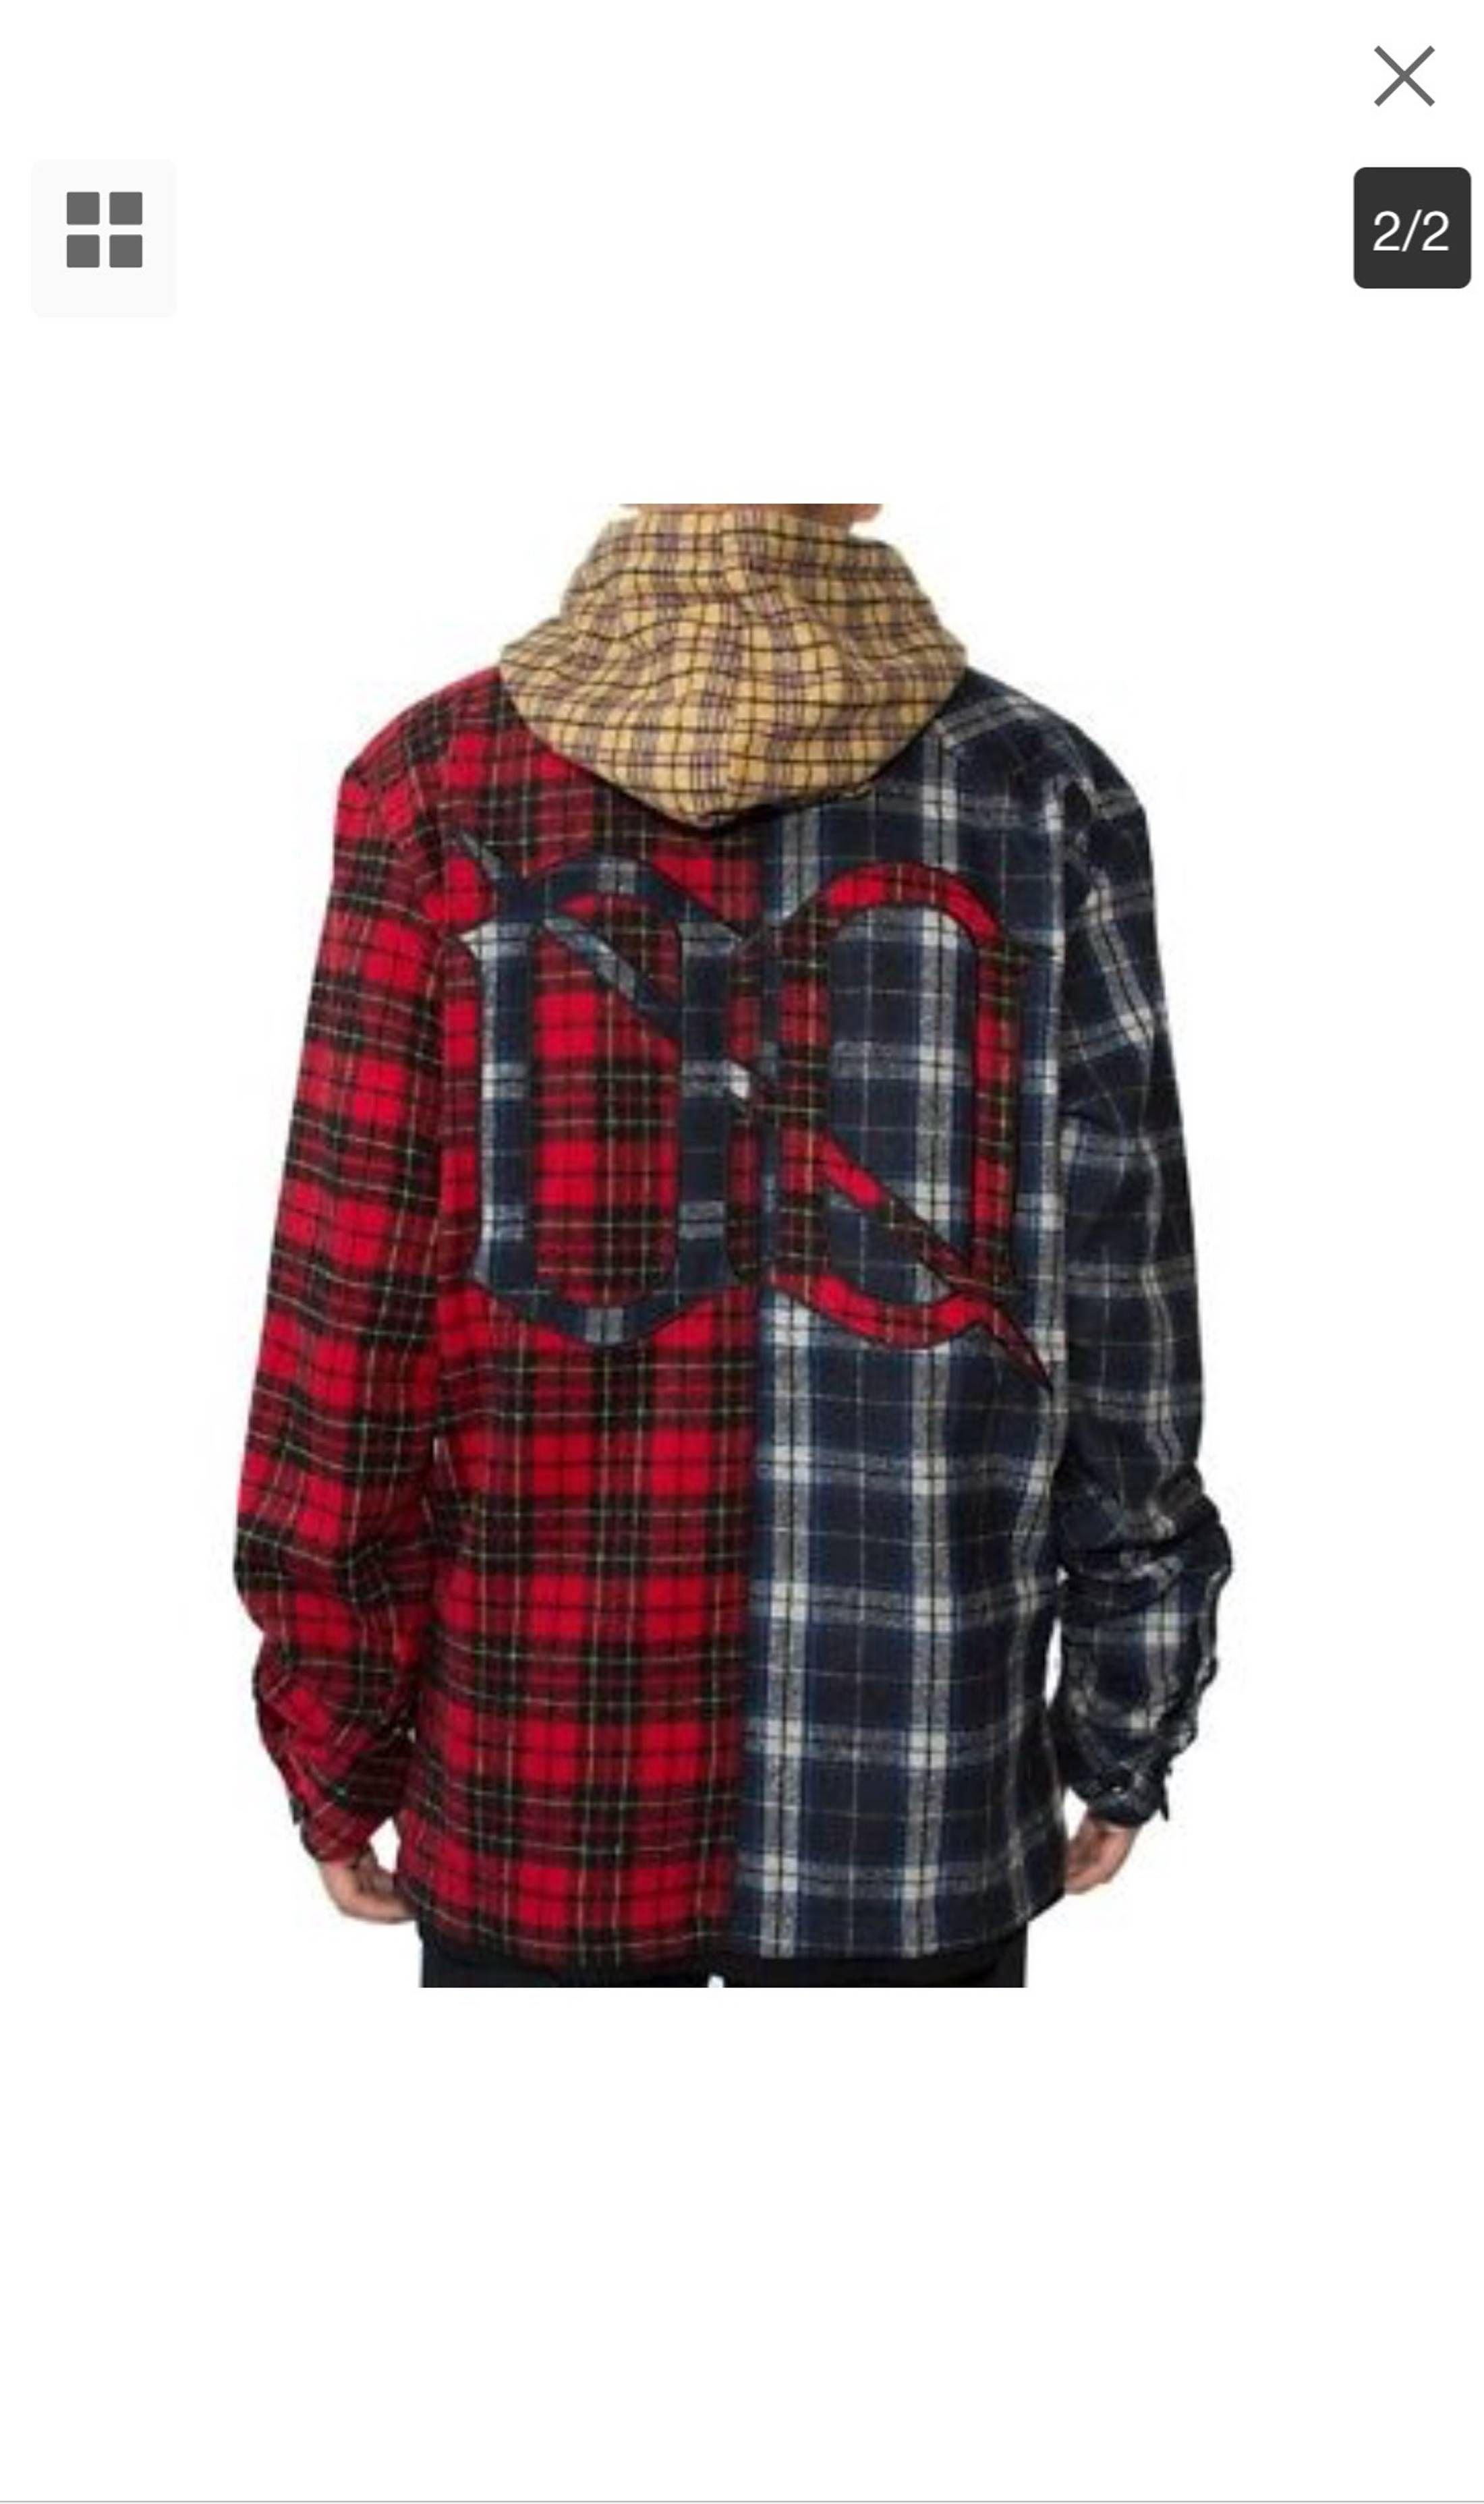 L00SECHANGE L00sechange Oversized Split Hooded Flannel Fazebank Small Size  US S   EU 44-46   1 - 1 5e8cba0e40